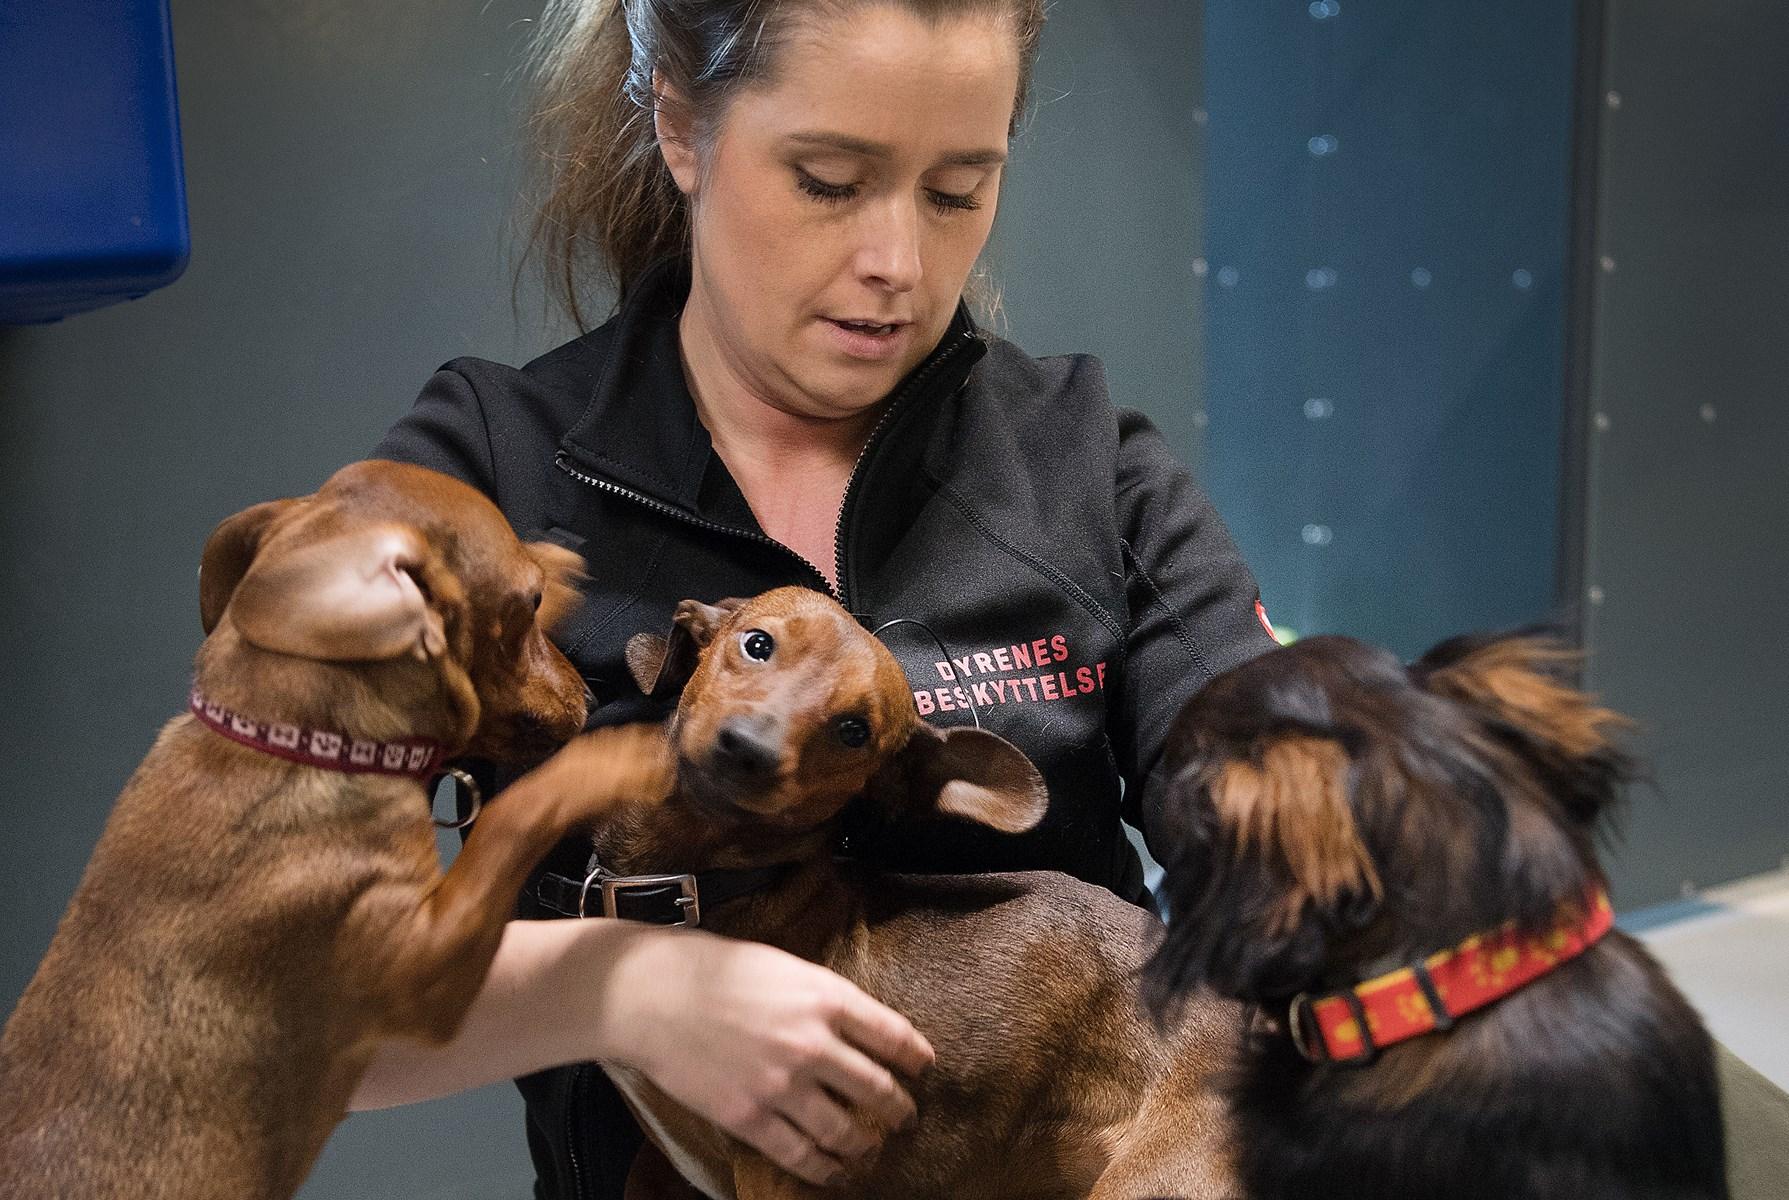 Hunde måtte fjernes: Sådan har de det nu